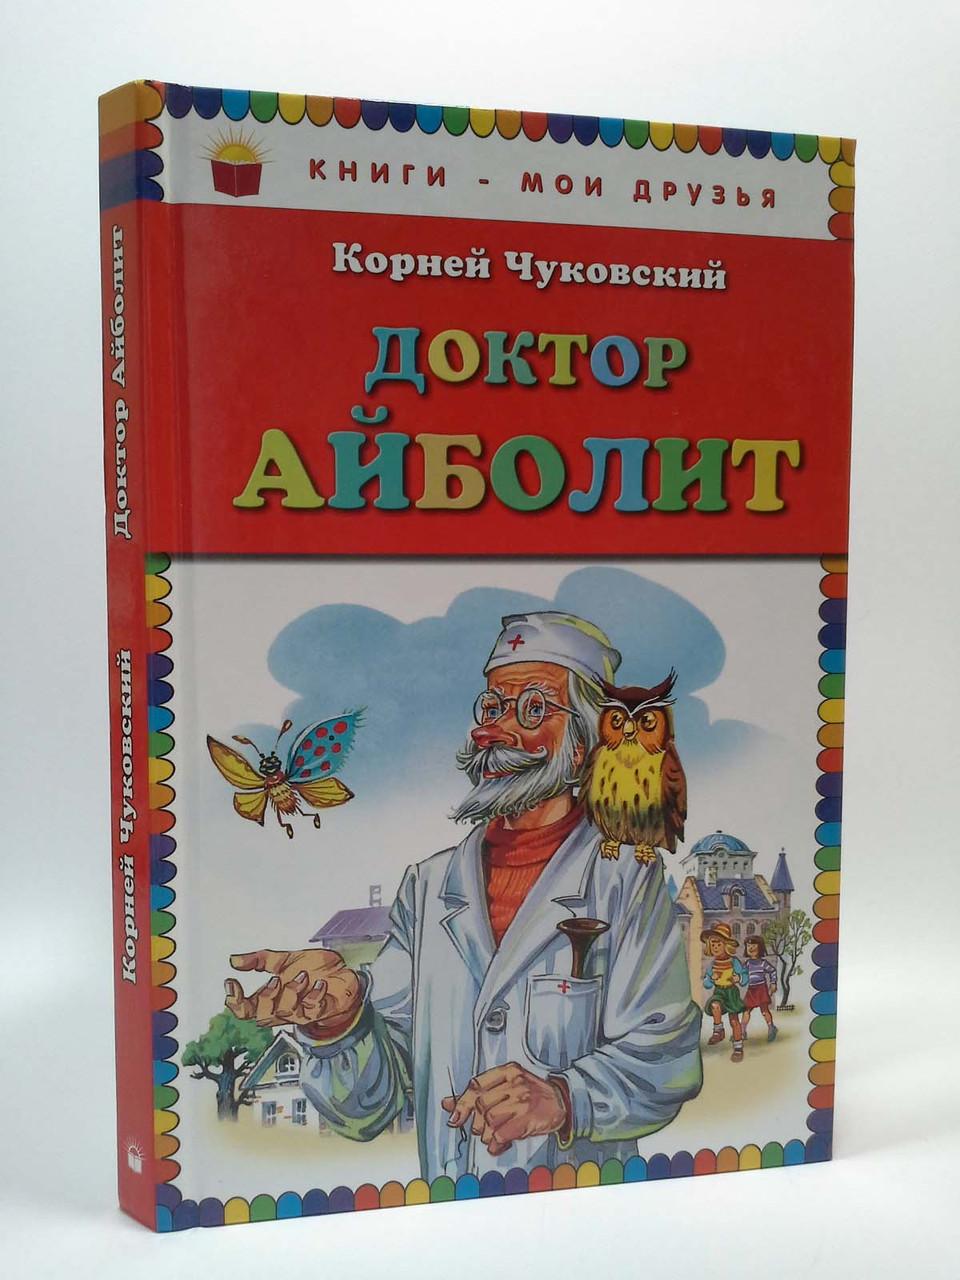 Ексмо КМД Чуковський Доктор Айболит (Книги мої друзі)